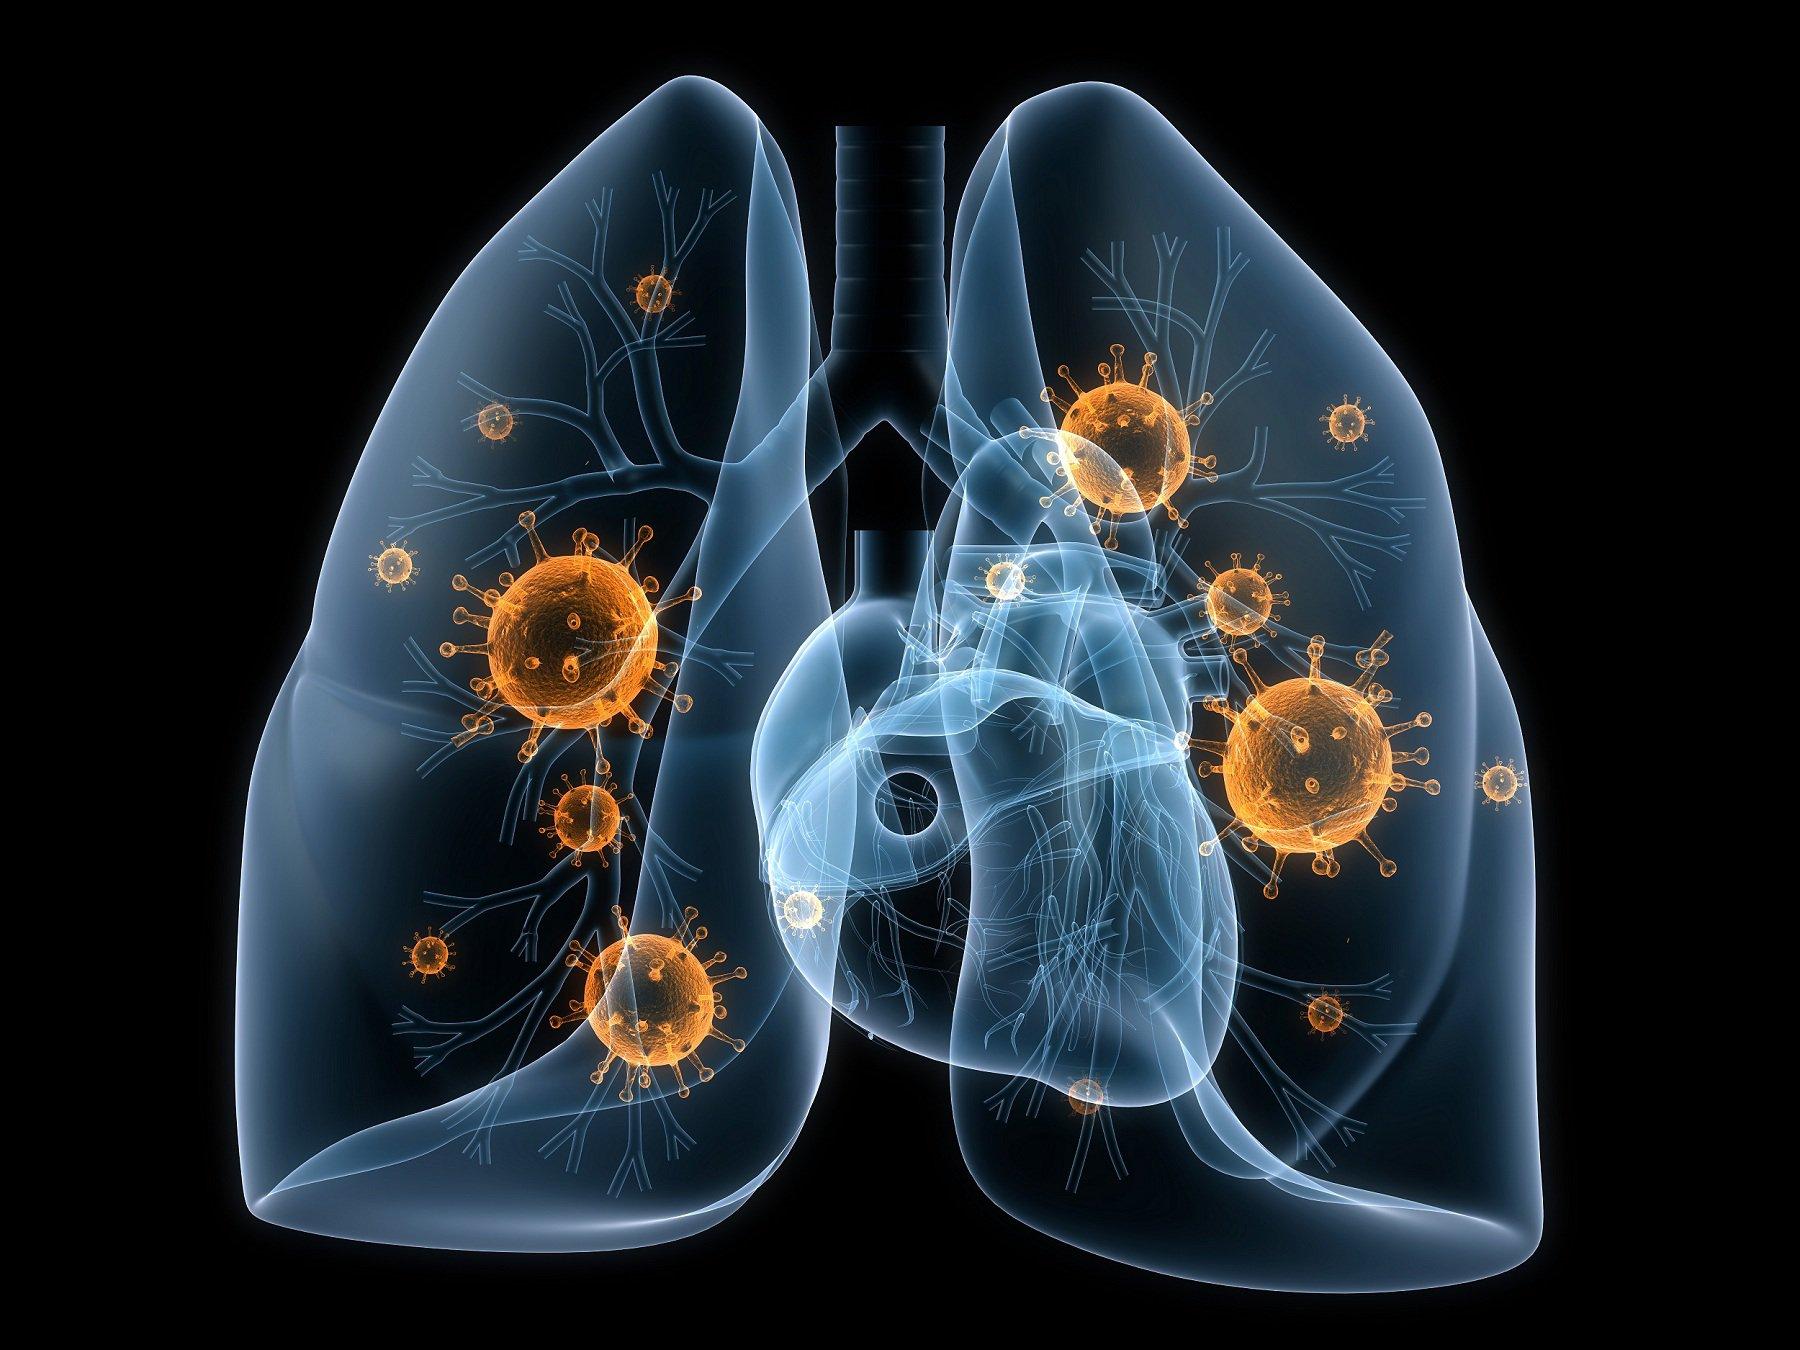 Ho ra máu có thể do một số bệnh nguy hiểm từ phổi